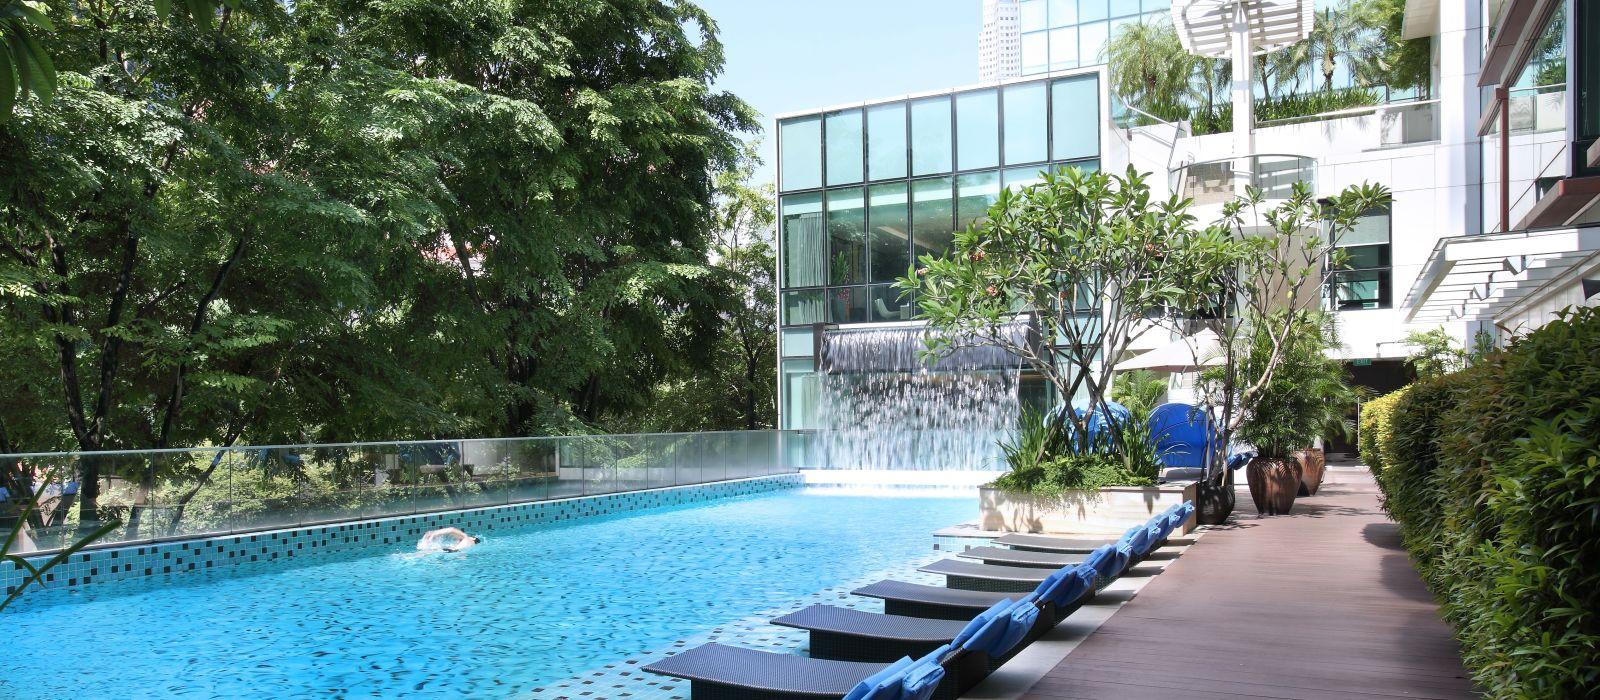 Hotel Park Regis Singapur